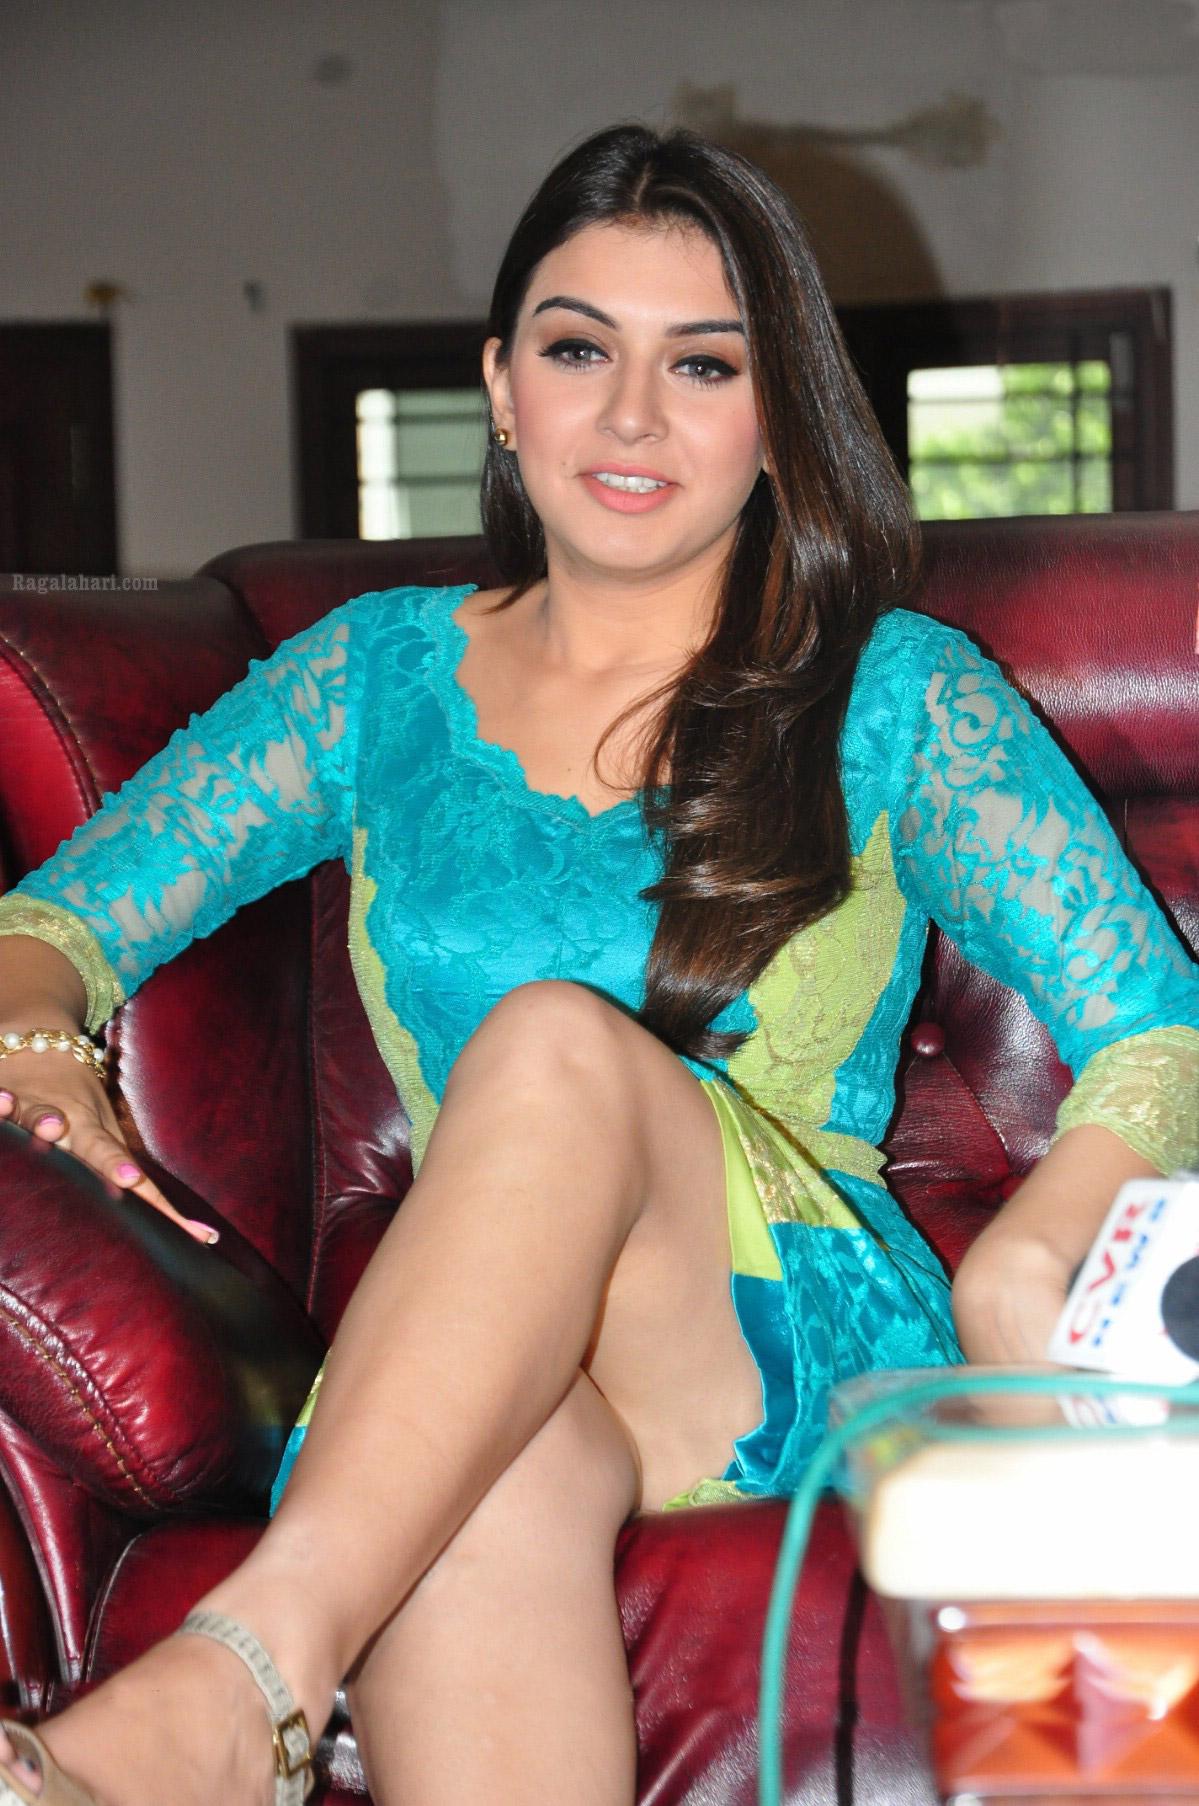 HANSIKA MOTWANI LEG SHOW IN SOMETHING SOMETHING   Bollywood Lovers